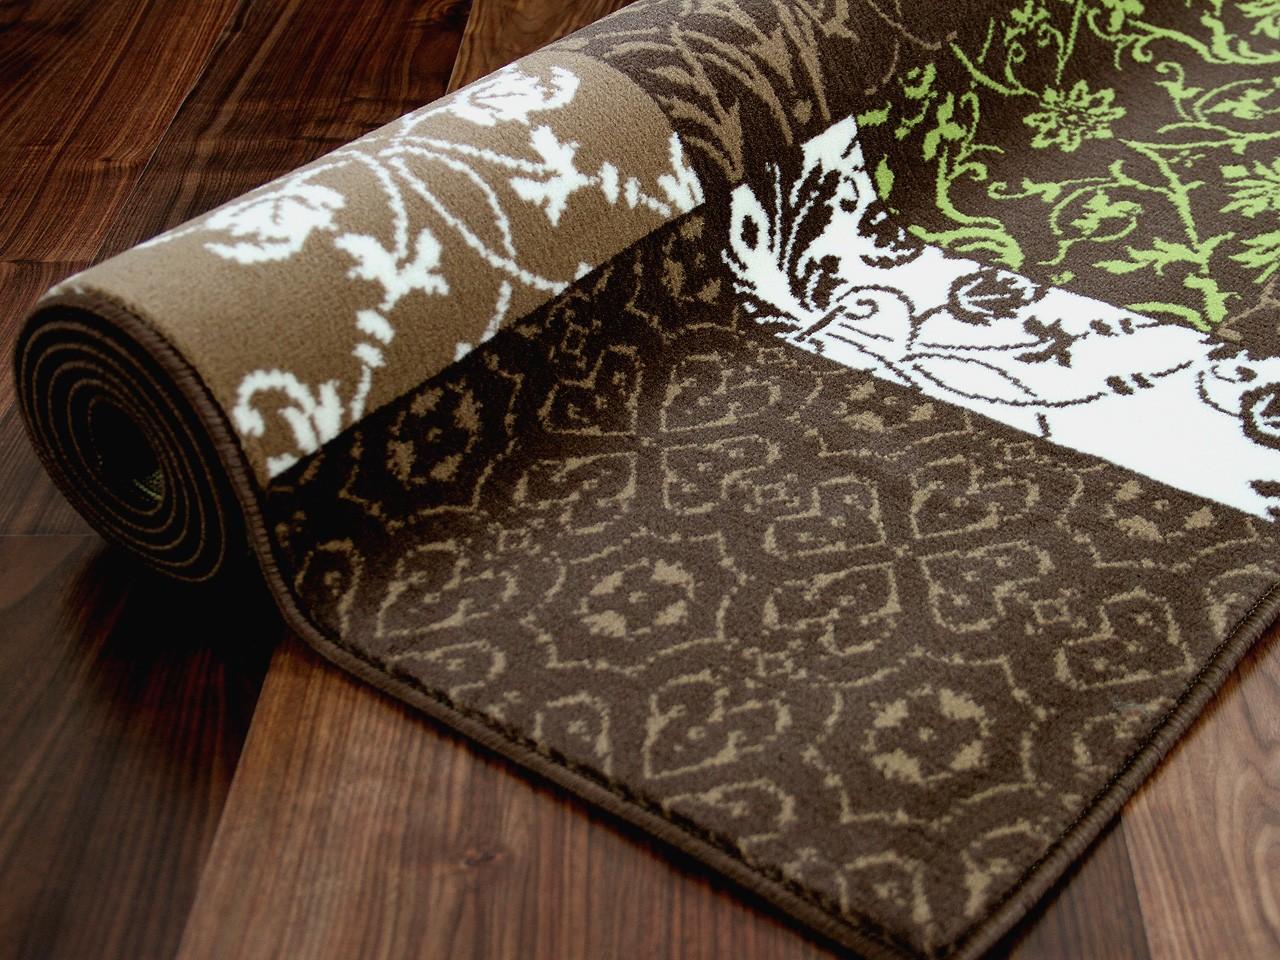 designer teppich passion braun gr n patchwork ebay. Black Bedroom Furniture Sets. Home Design Ideas